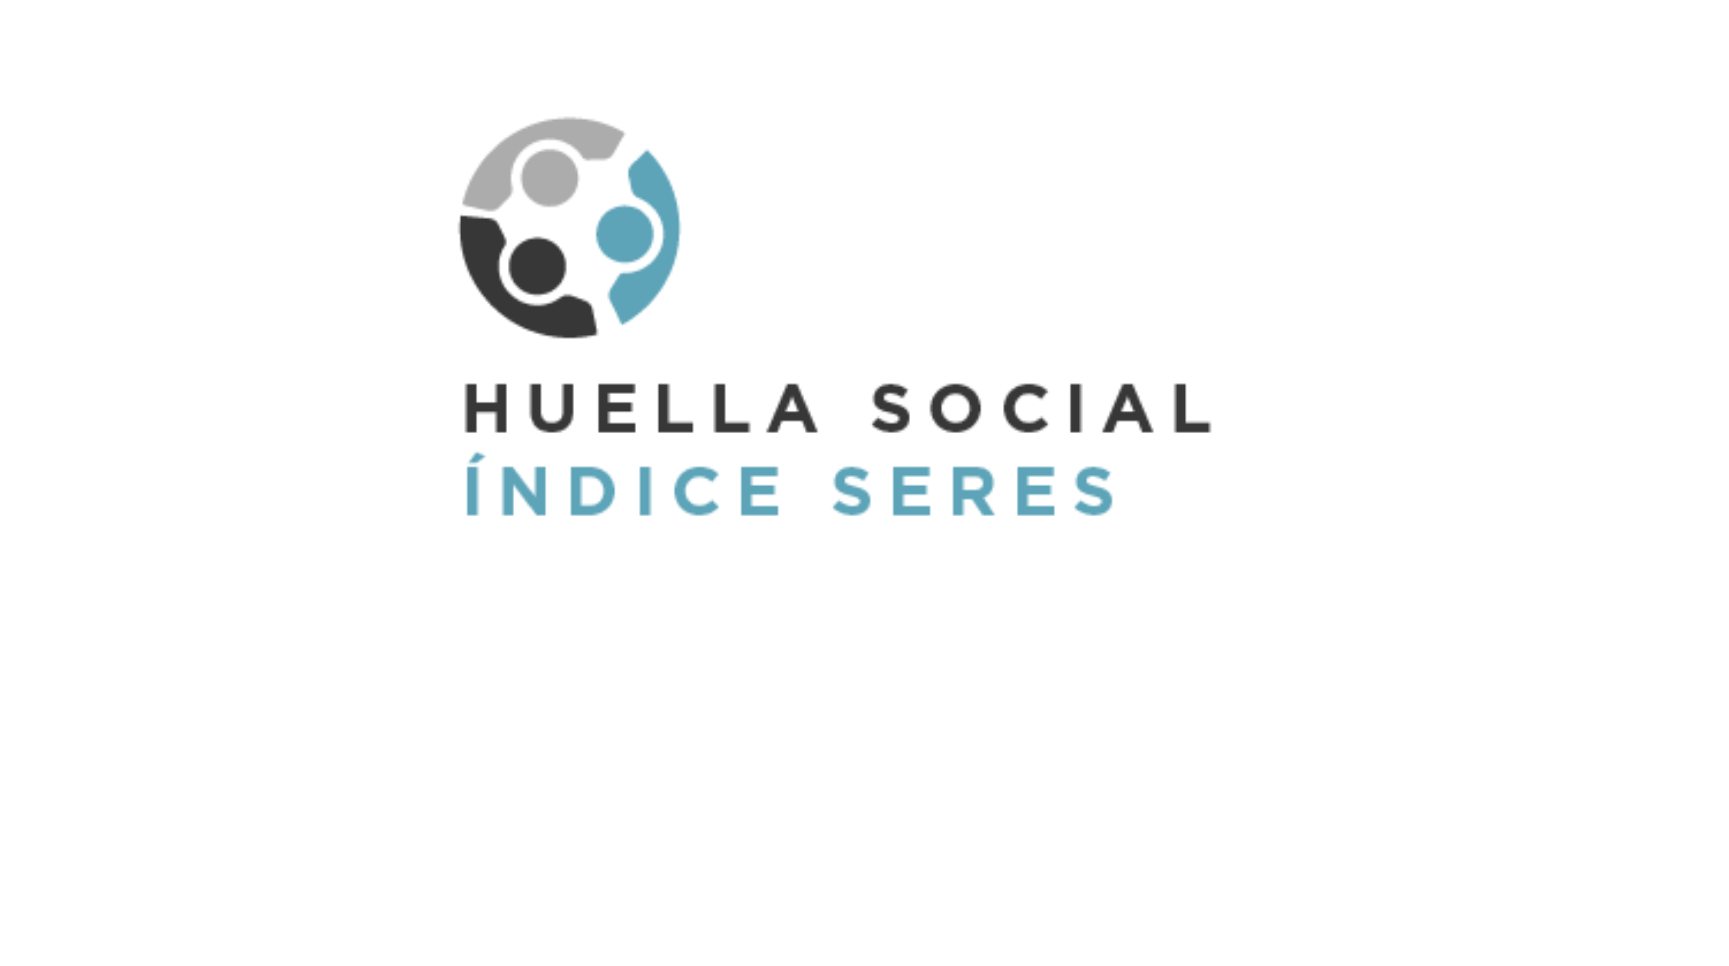 Índice SERES de la Huella Social©, un modelo de medición del impacto social, capaz de conectar los proyectos económicos con los retos sociales